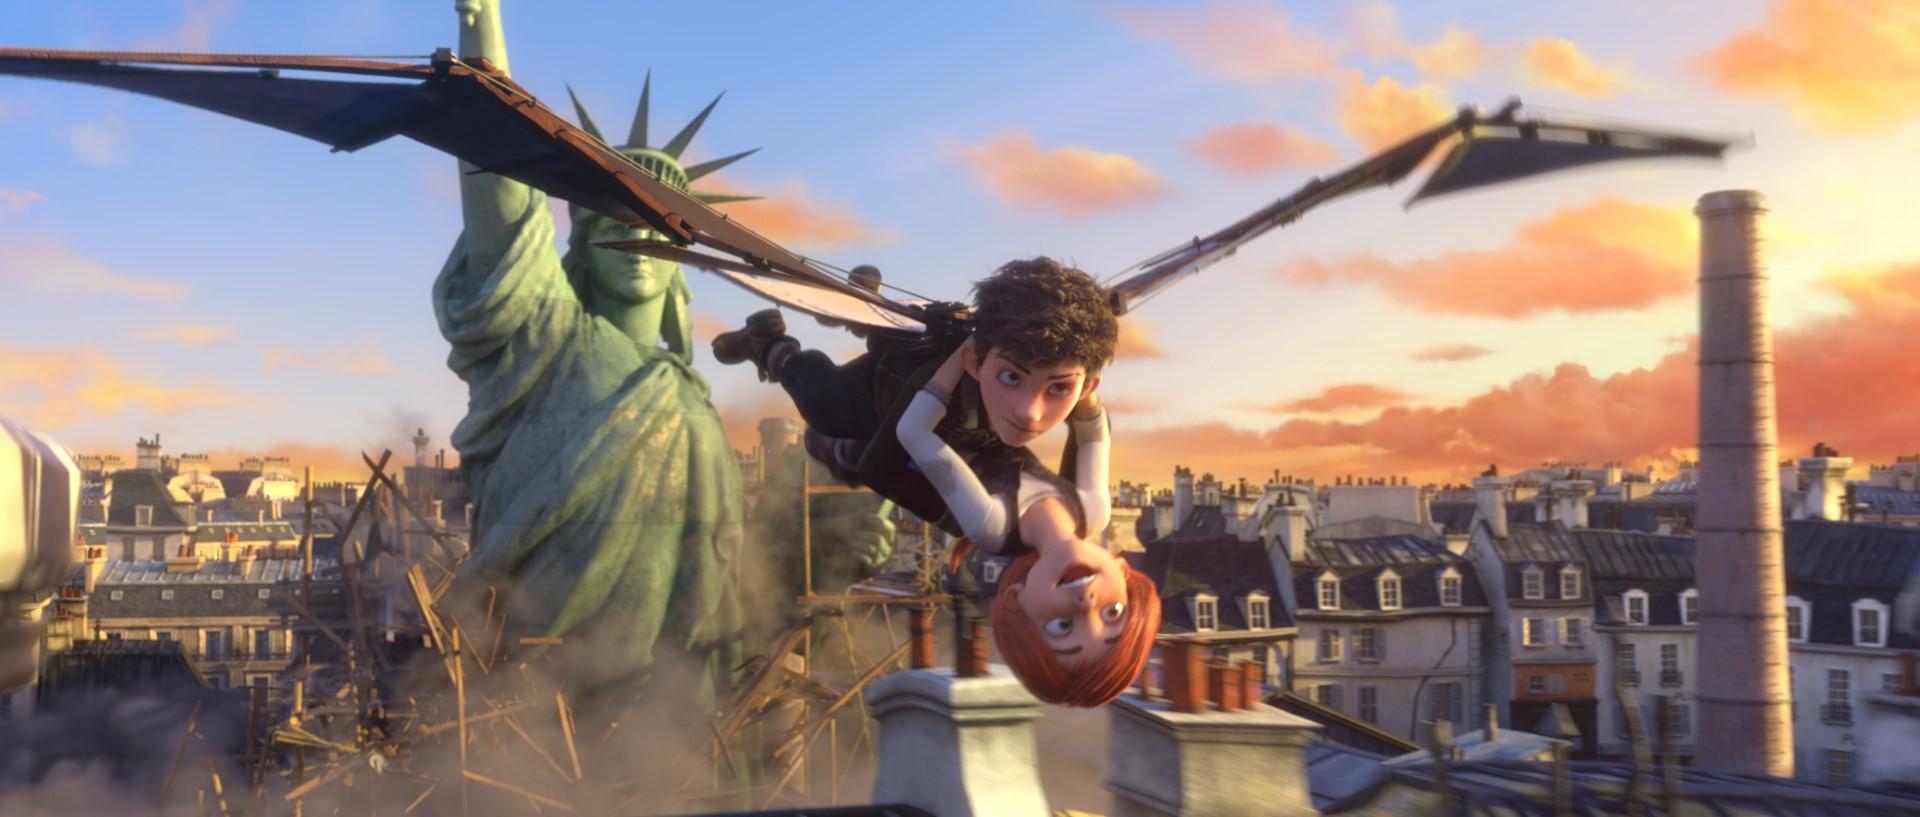 jbm critique et classe les films de 2017 507427